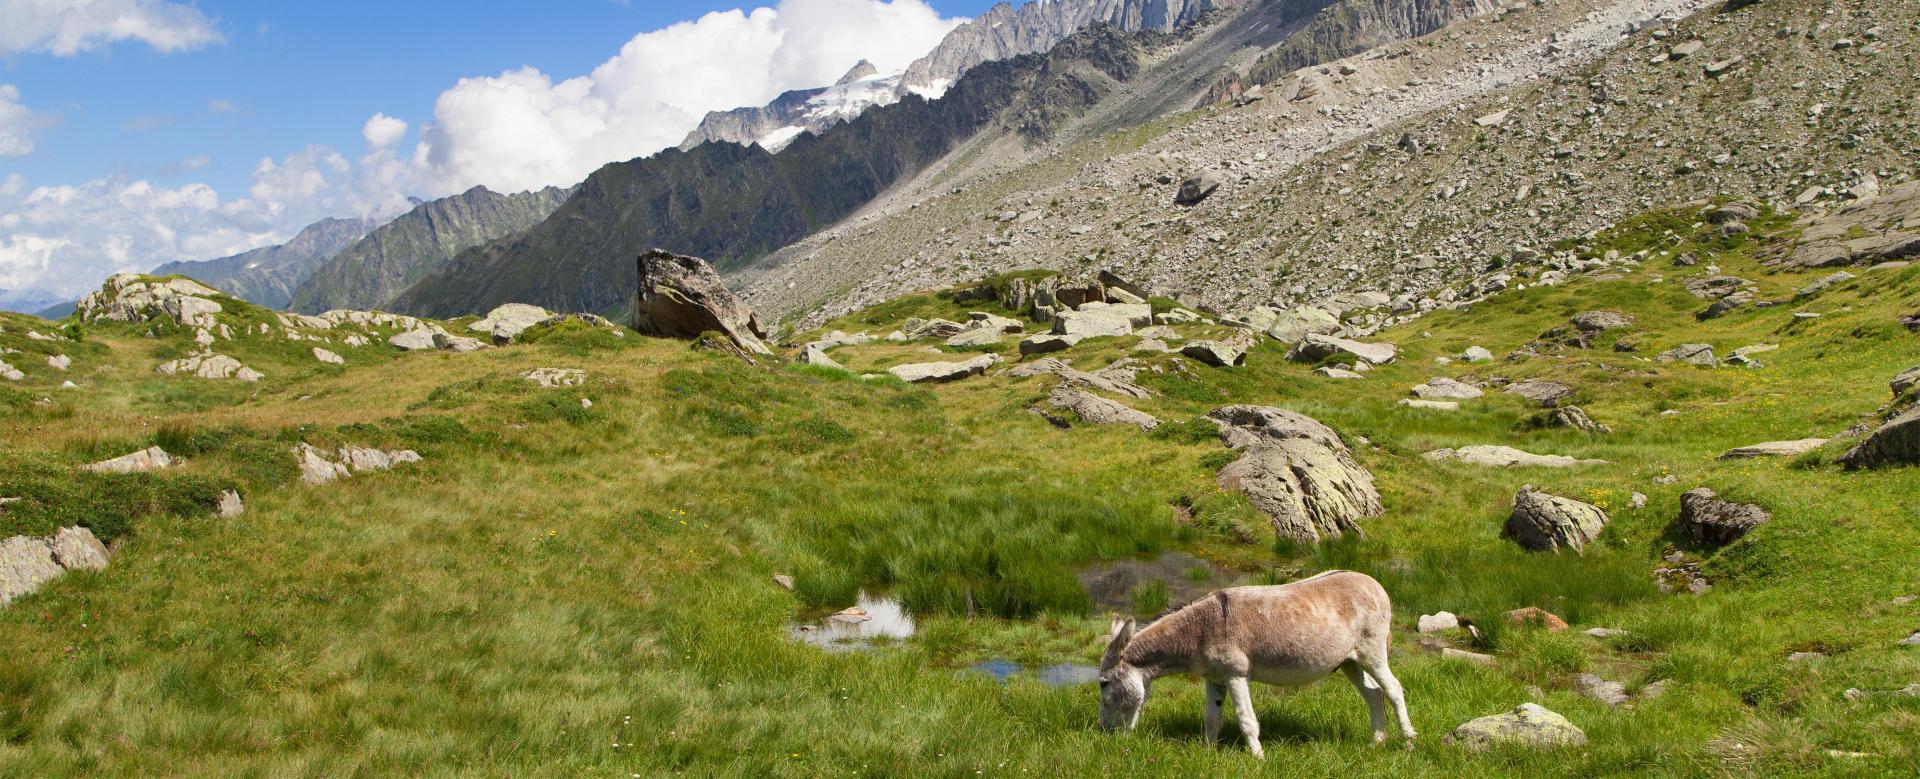 Voyage à pied : Hi-han au mont-blanc : première étape